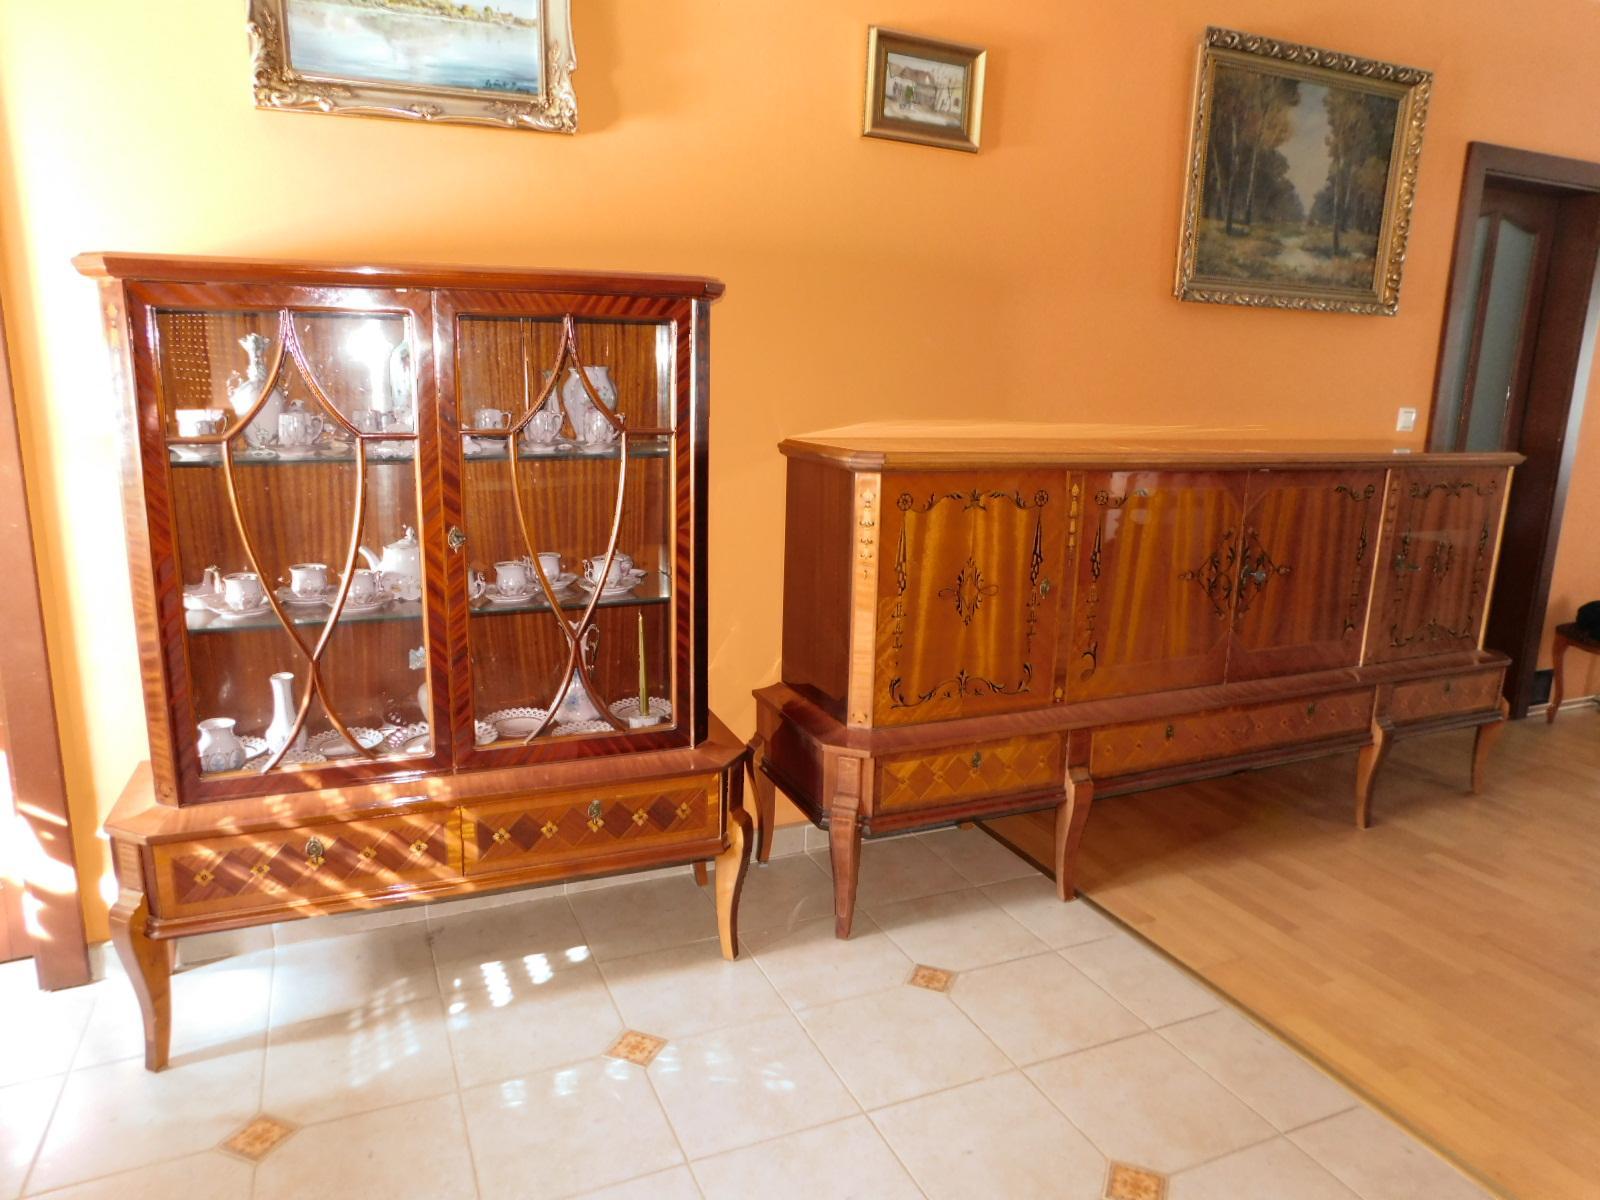 rumunský nábytok s intarziou Sheraton a rozkladací stôl so stoličkami - Obrázok č. 1